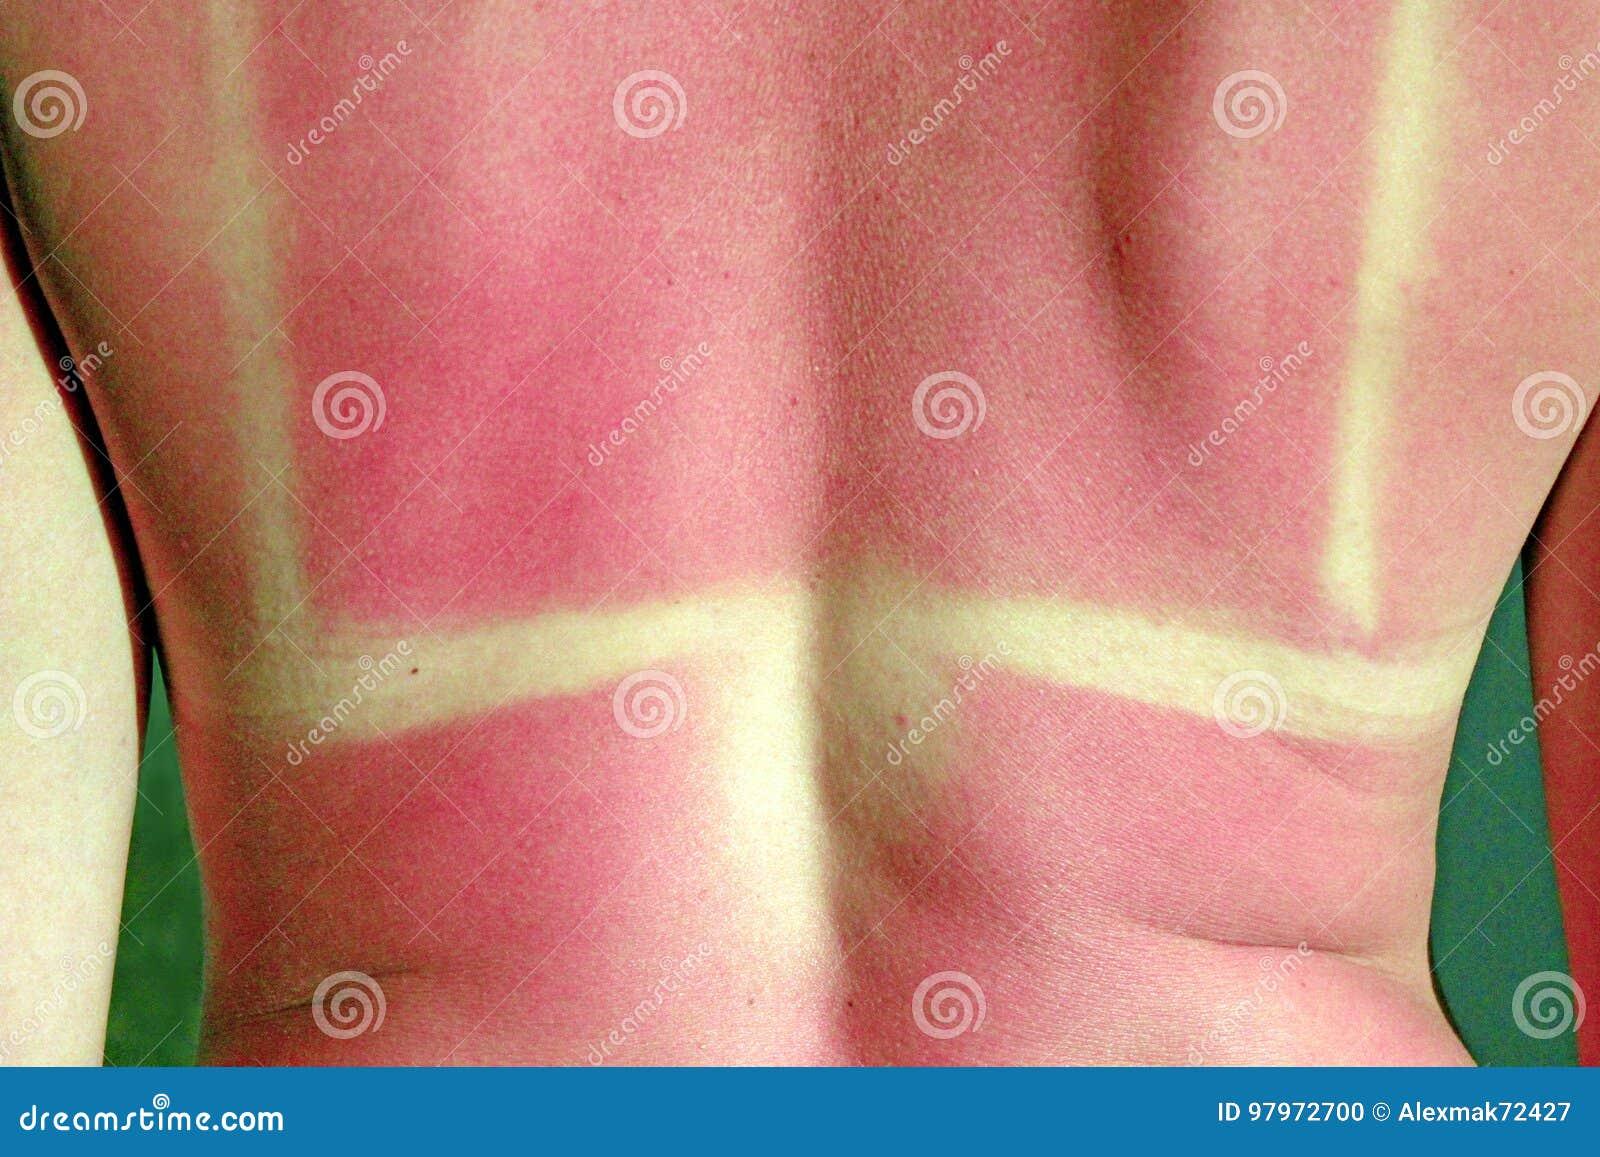 Brandwond van de zon op het lichaam